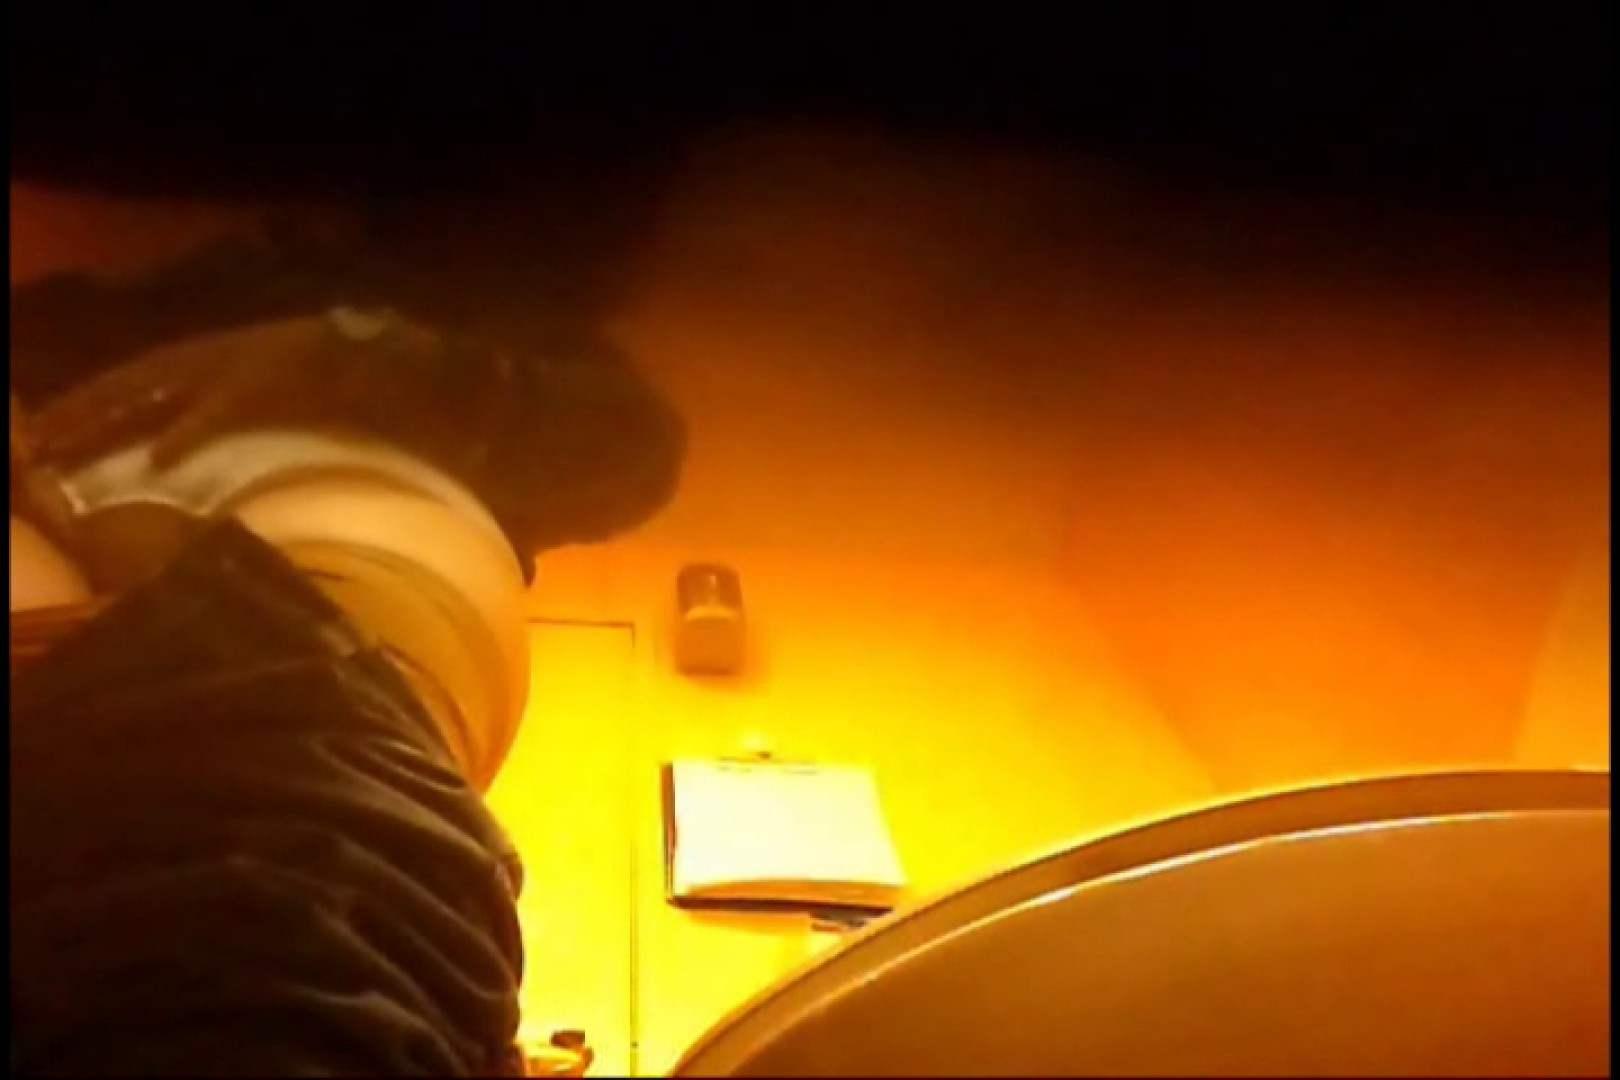 マダムが集まるデパートお手洗い Vol.22 OLのボディ AV無料動画キャプチャ 69PIX 35